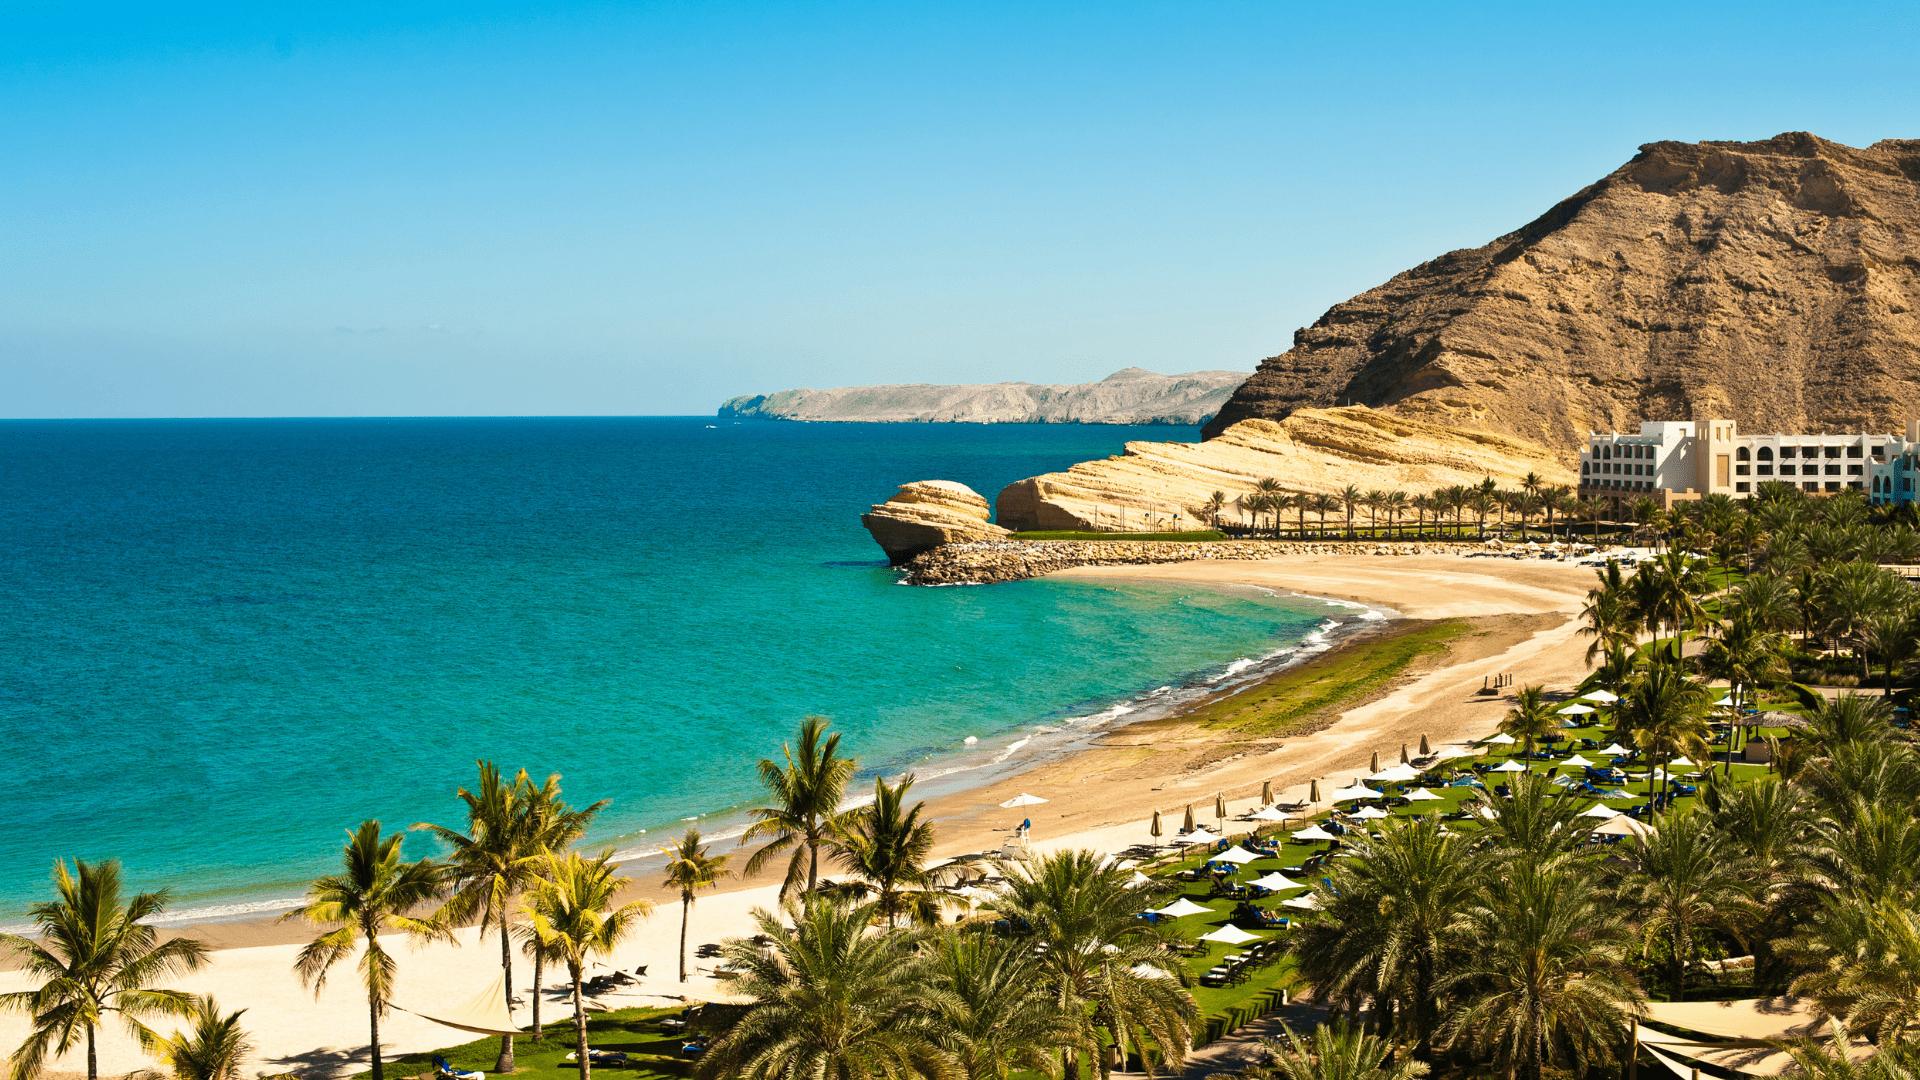 Omano pakrantė